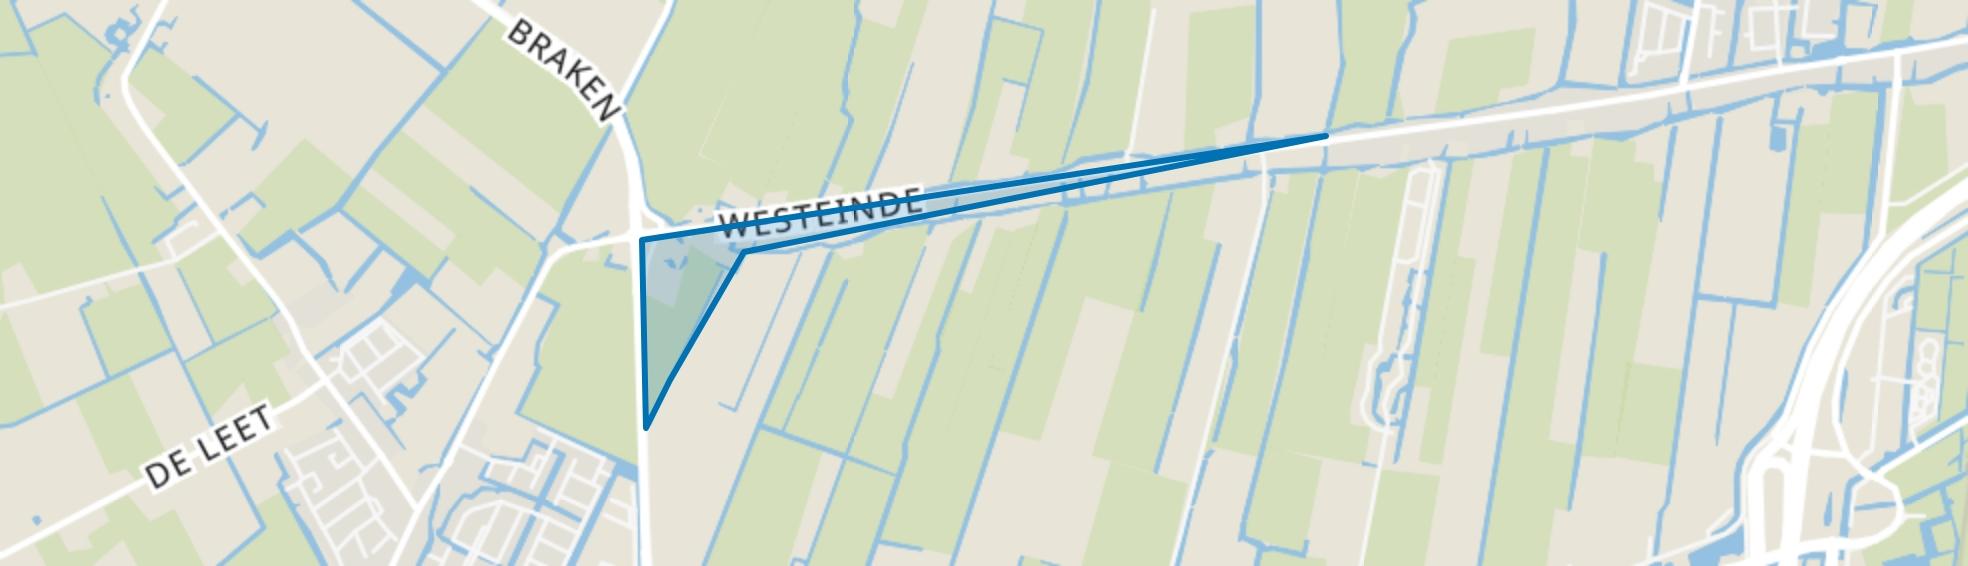 Westeinde, Berkhout map